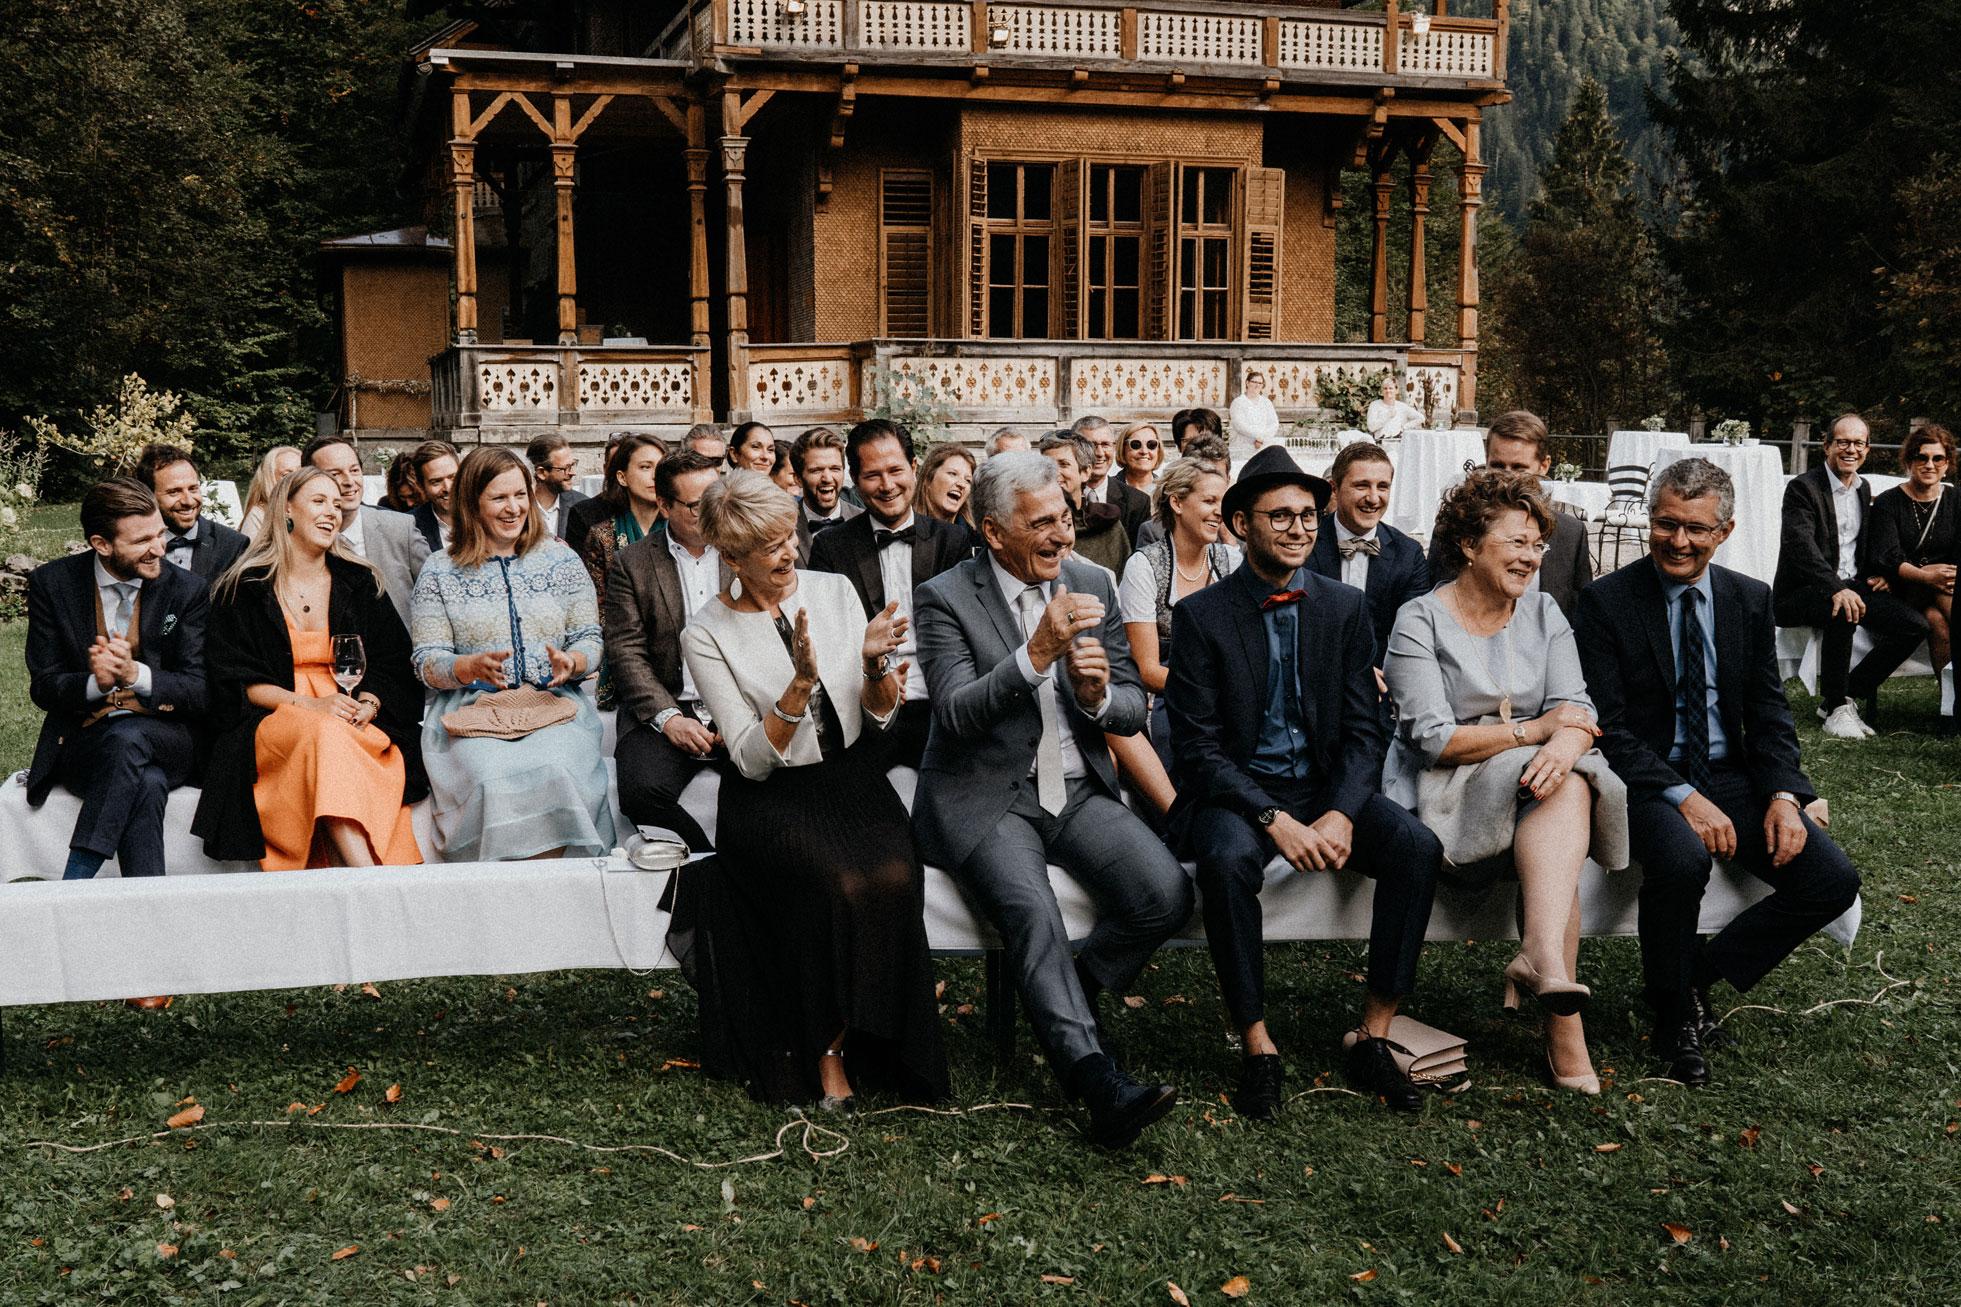 Hochzeit_Claire_Manuel_Villa_Maund_Daniel_Jenny-119.jpg